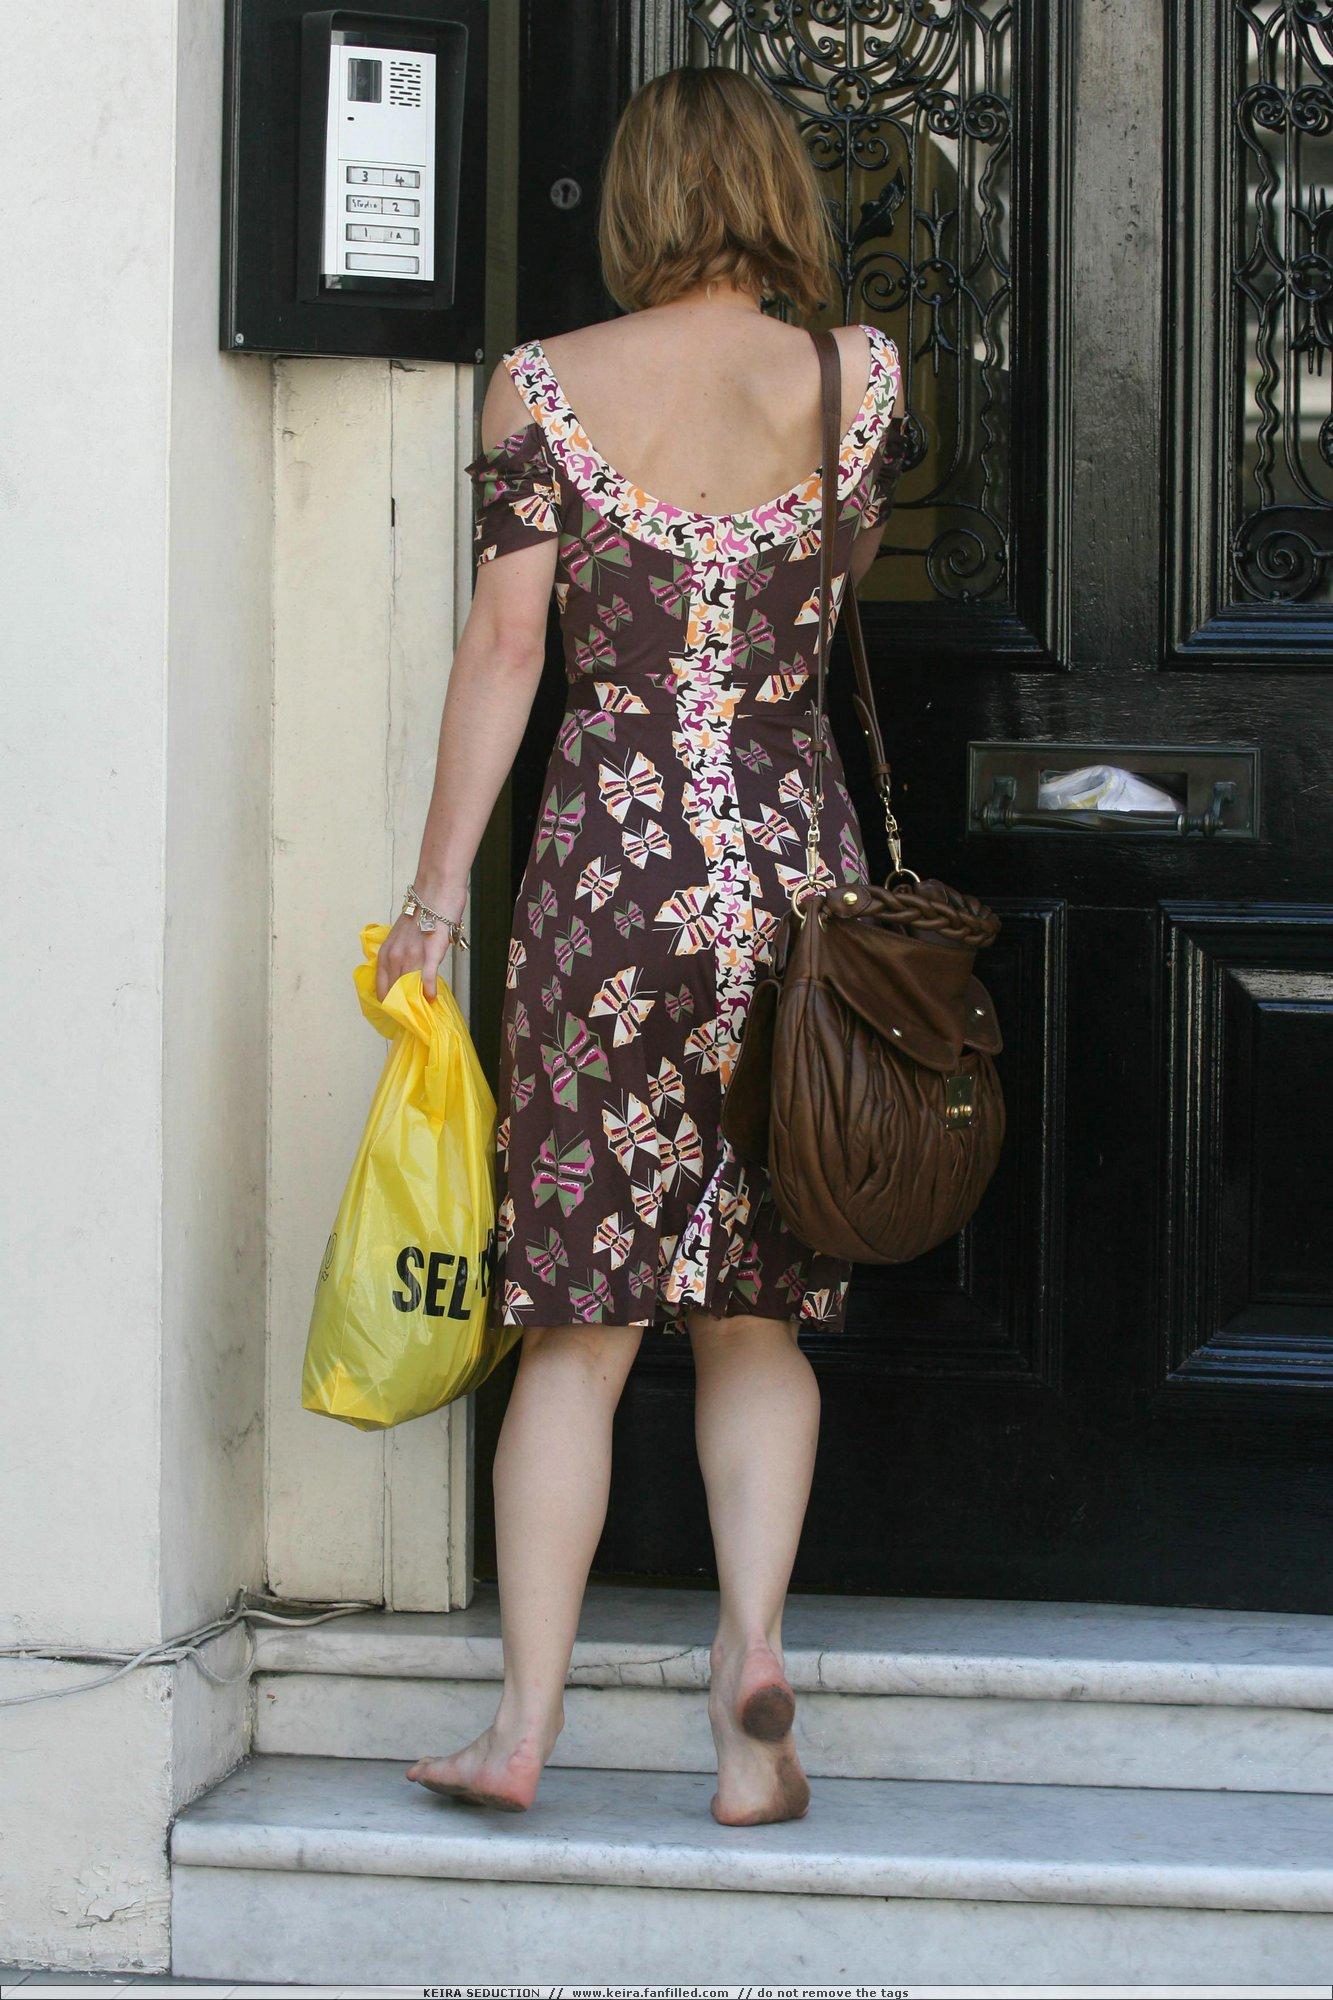 http://pics.wikifeet.com/Keira-Knightley-Feet-245474.jpg